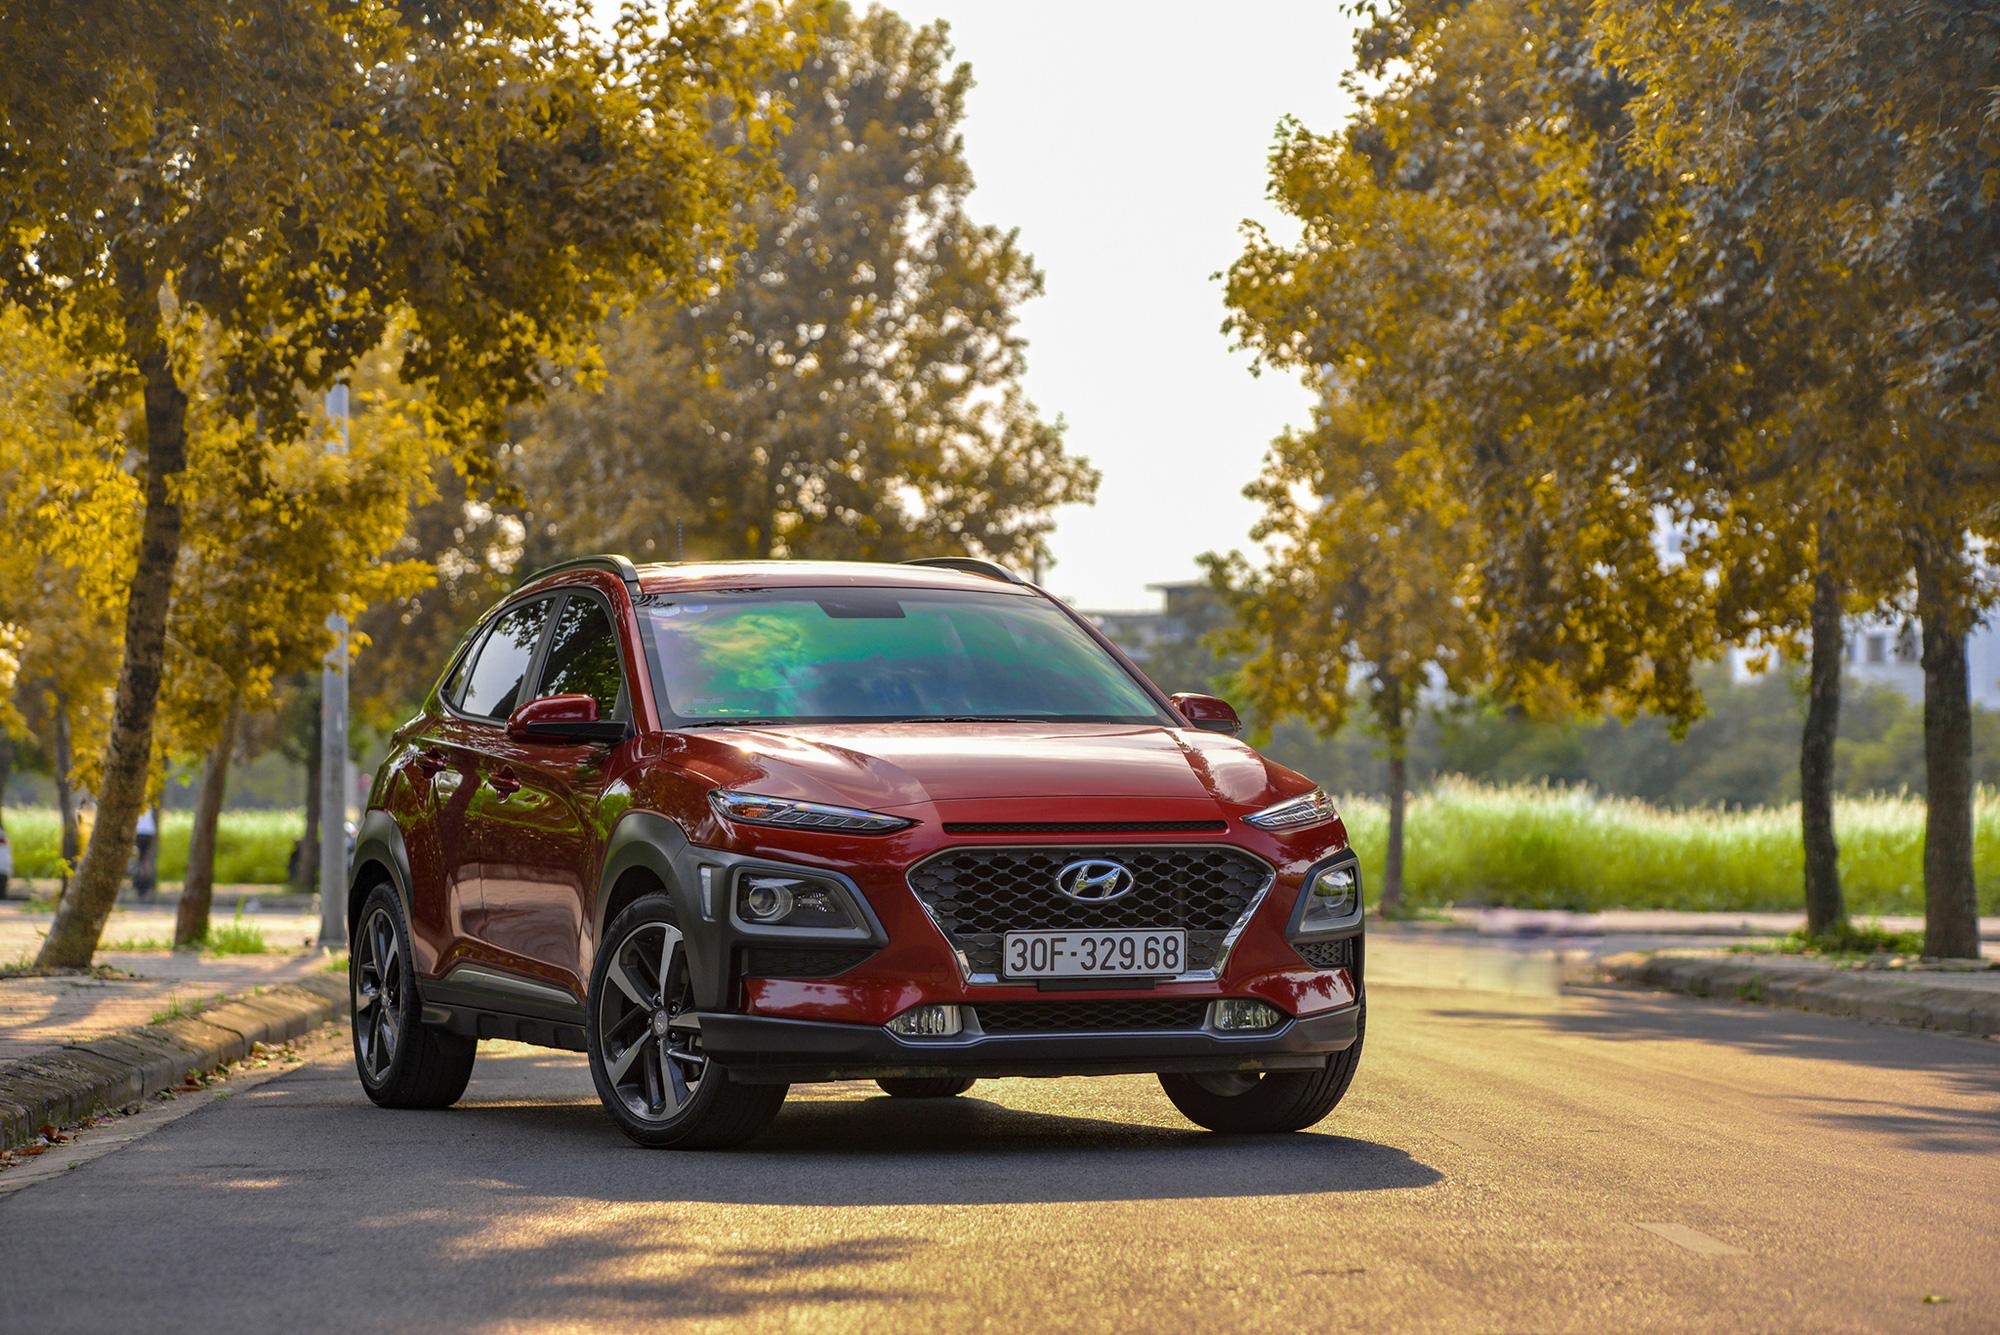 2 tháng đầu năm 2021, Hyundai Thành Công bán hơn 9.000 chiếc ô tô - Ảnh 2.